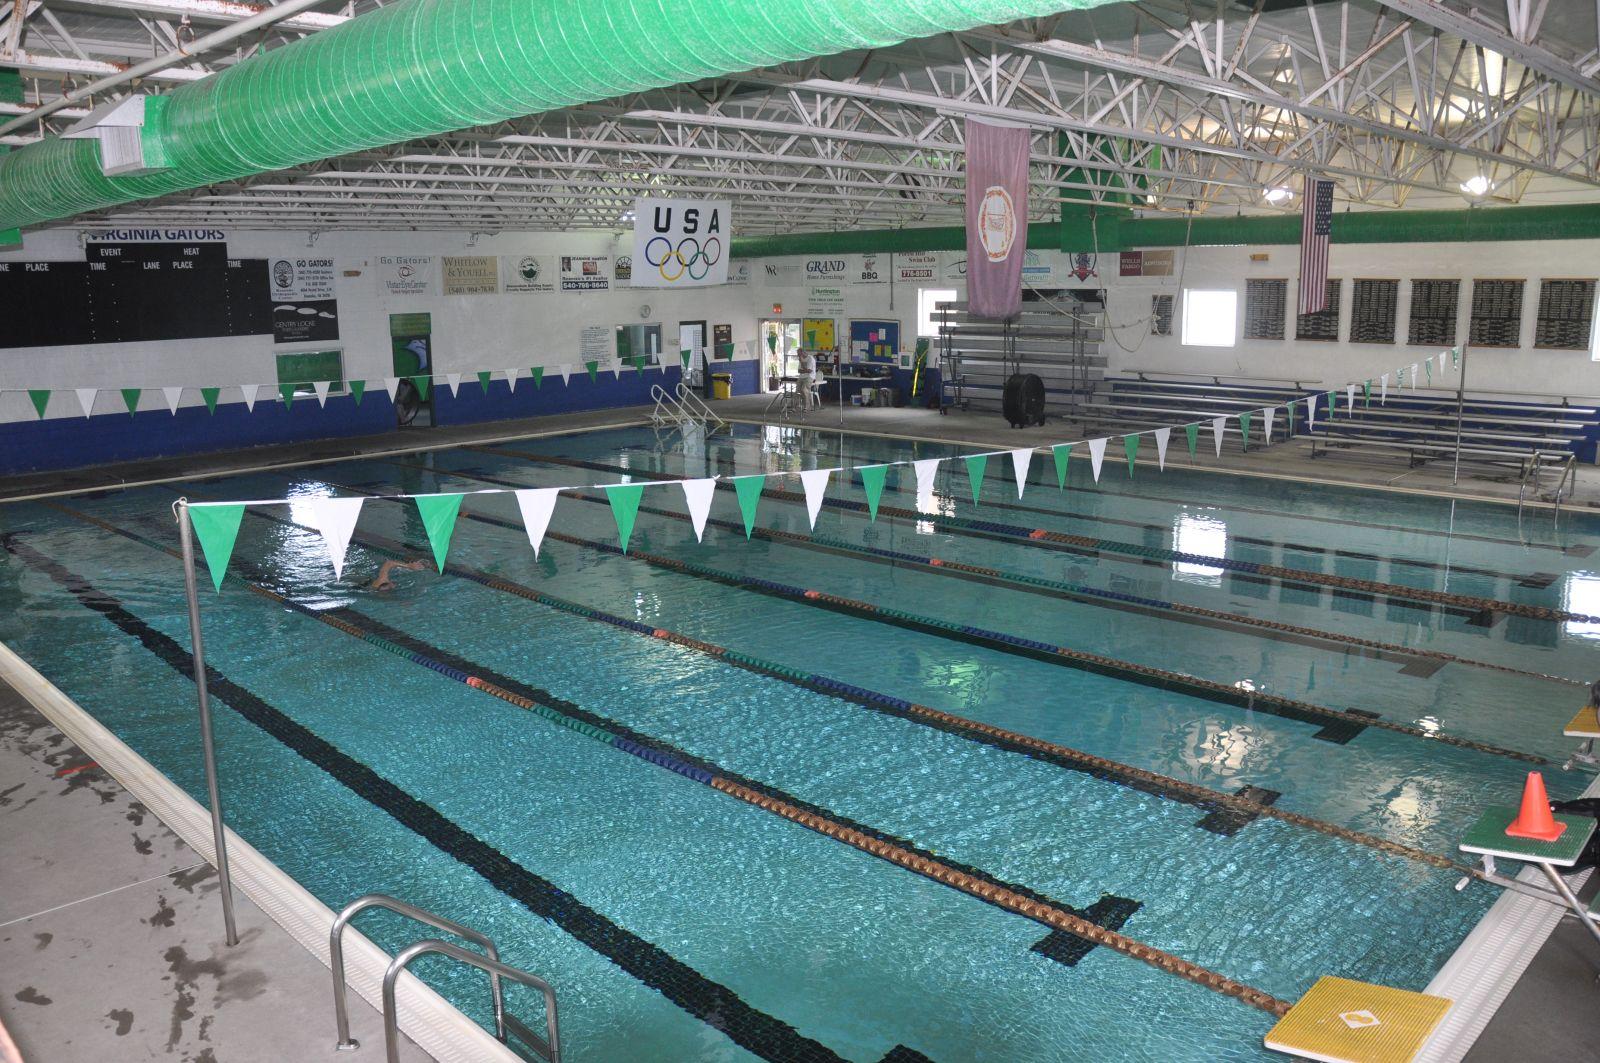 Virginia Gators Gator Aquatic Center